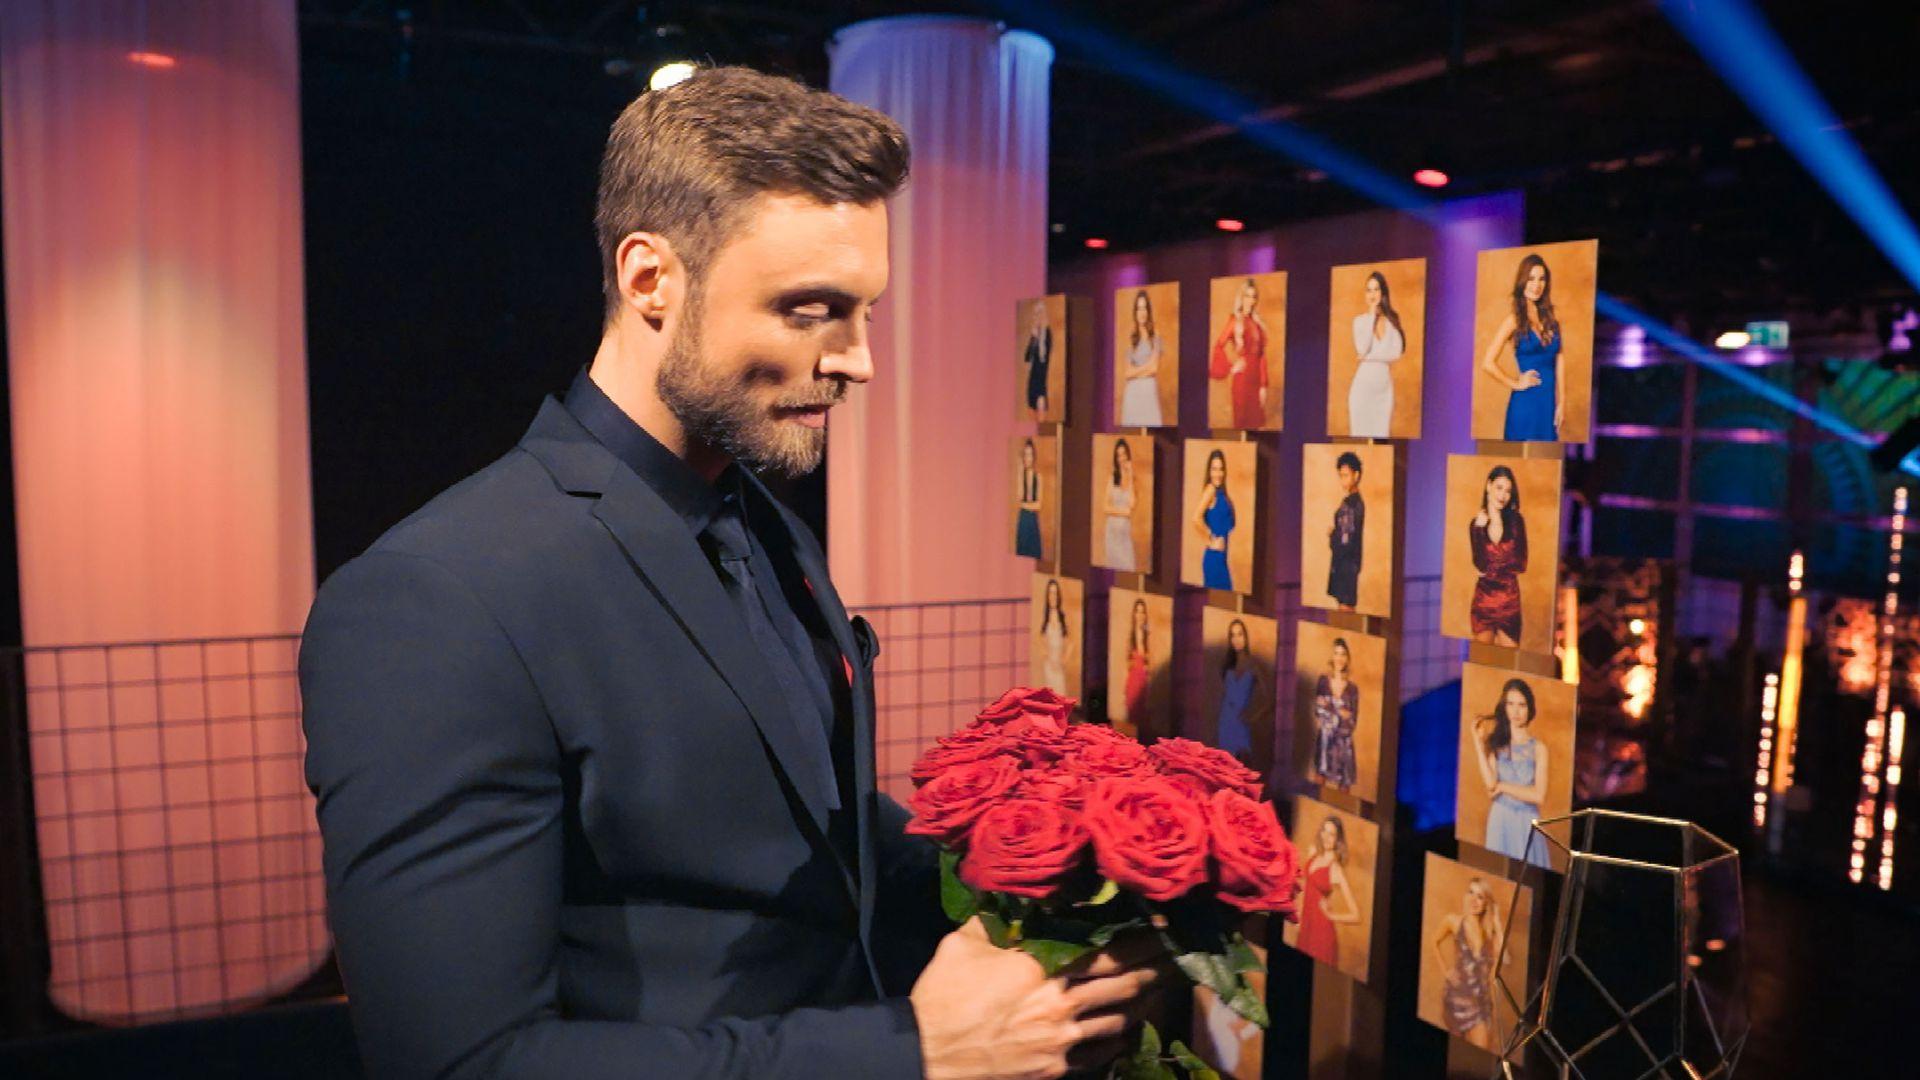 Programmänderung: Bachelor-Folge wird nach hinten verschoben - Promiflash.de